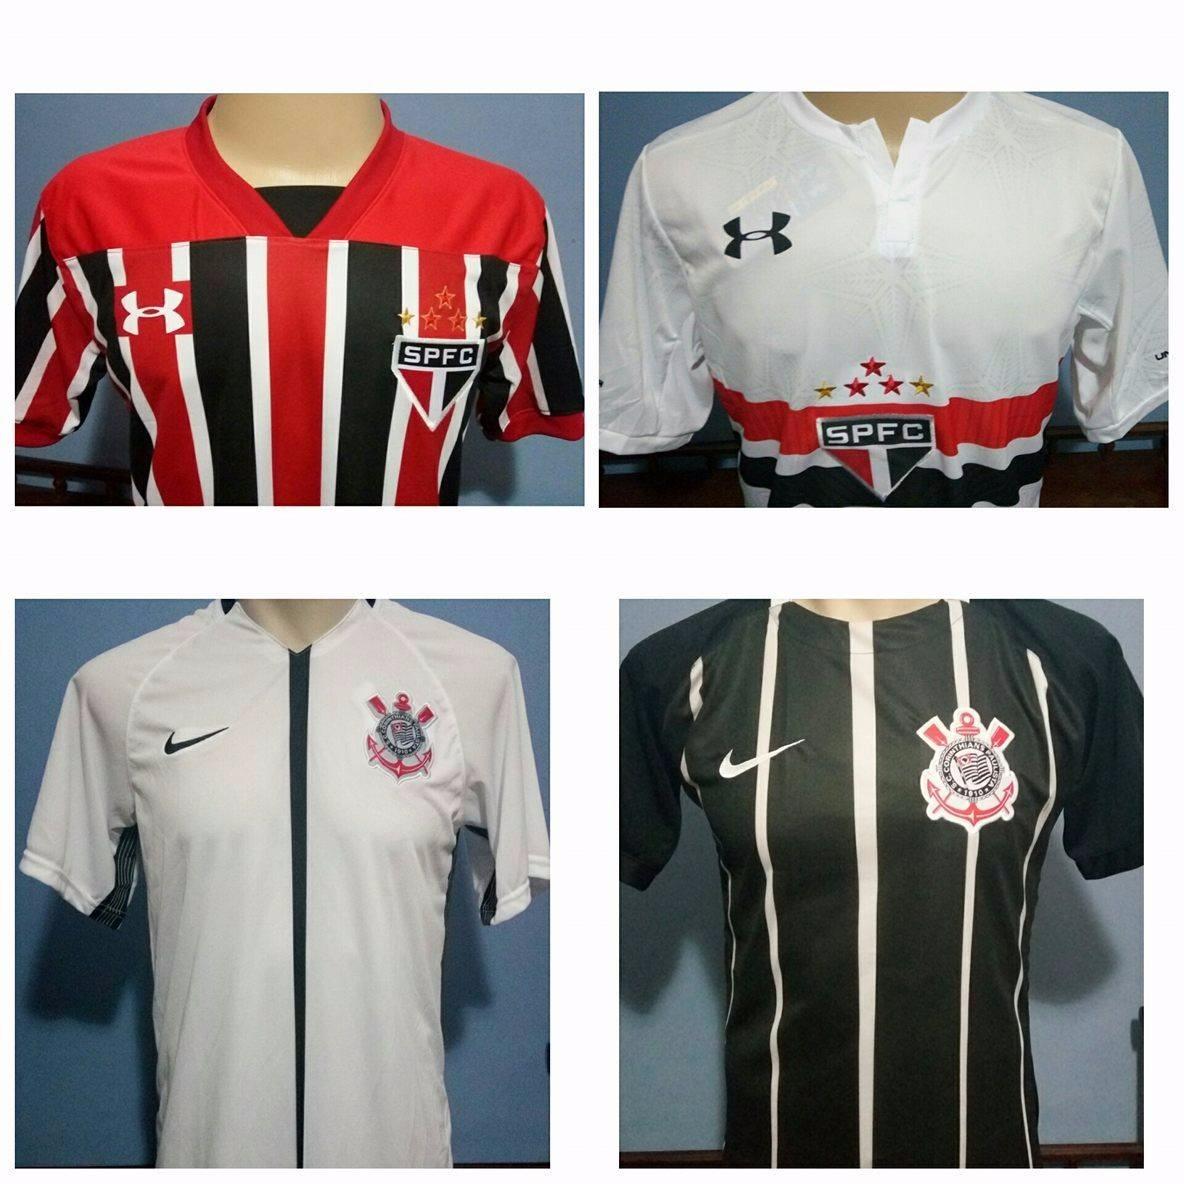 753f1b8793 camisas futebol times nacionais. Carregando zoom.